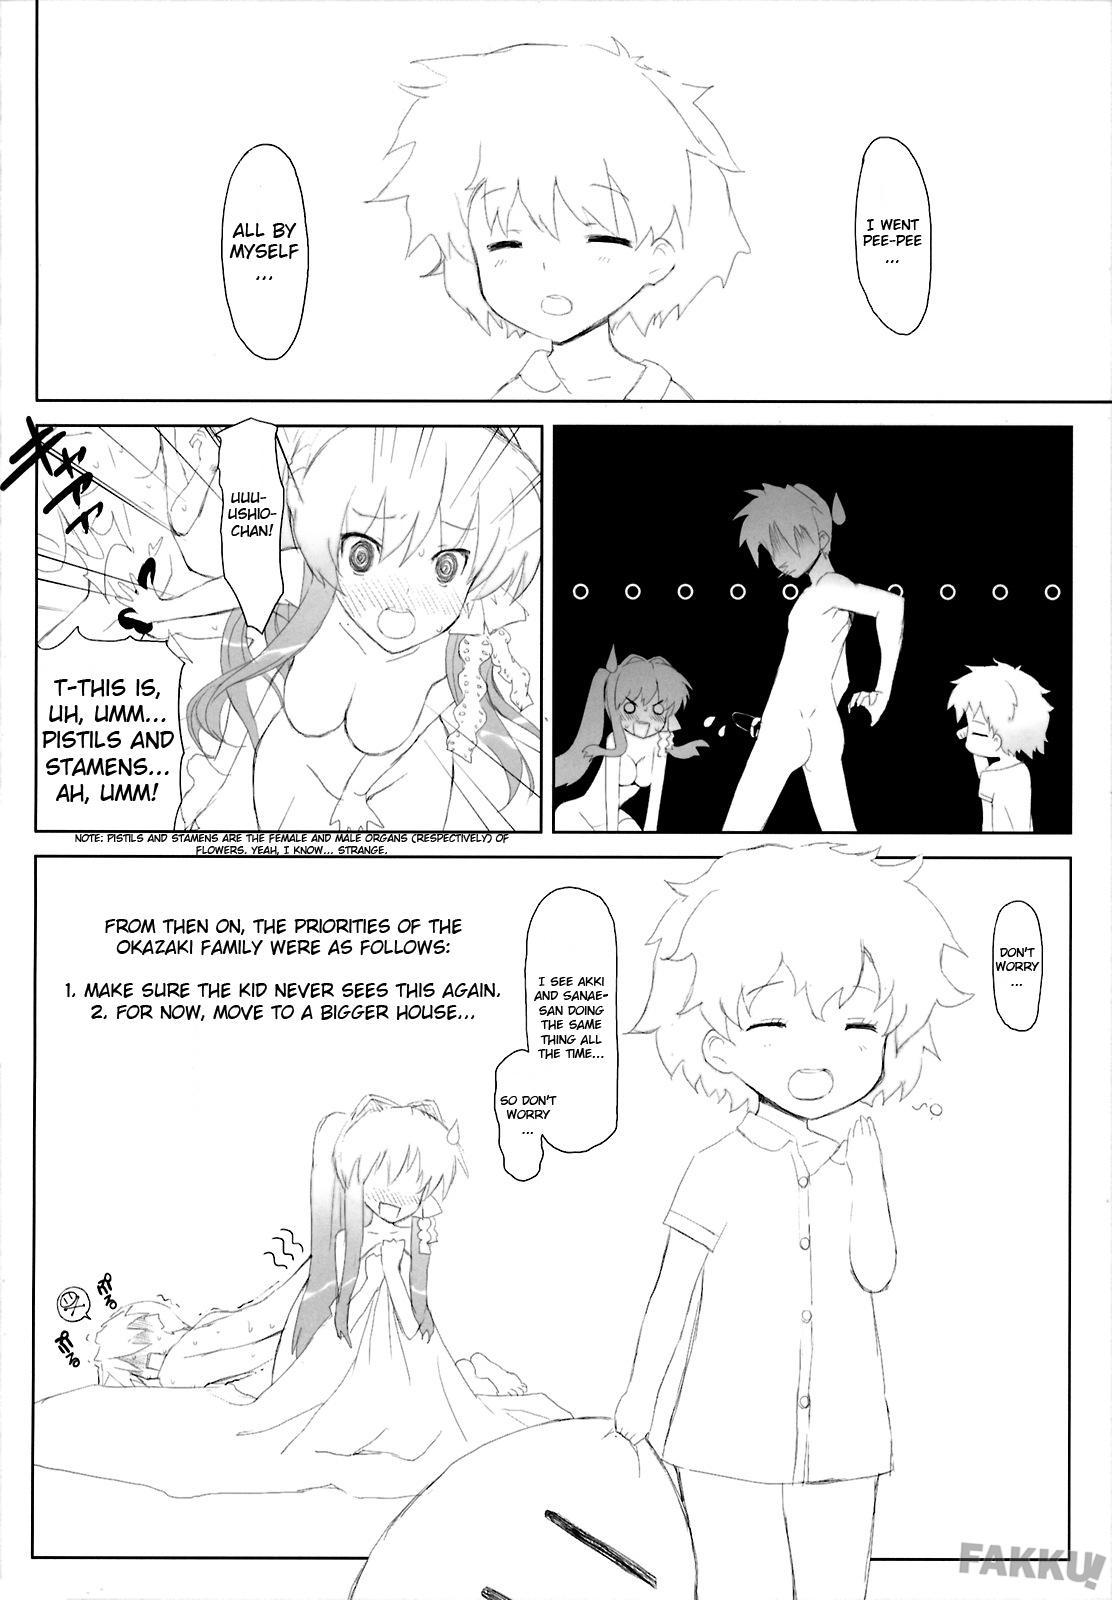 KYOU MANIA 2 16